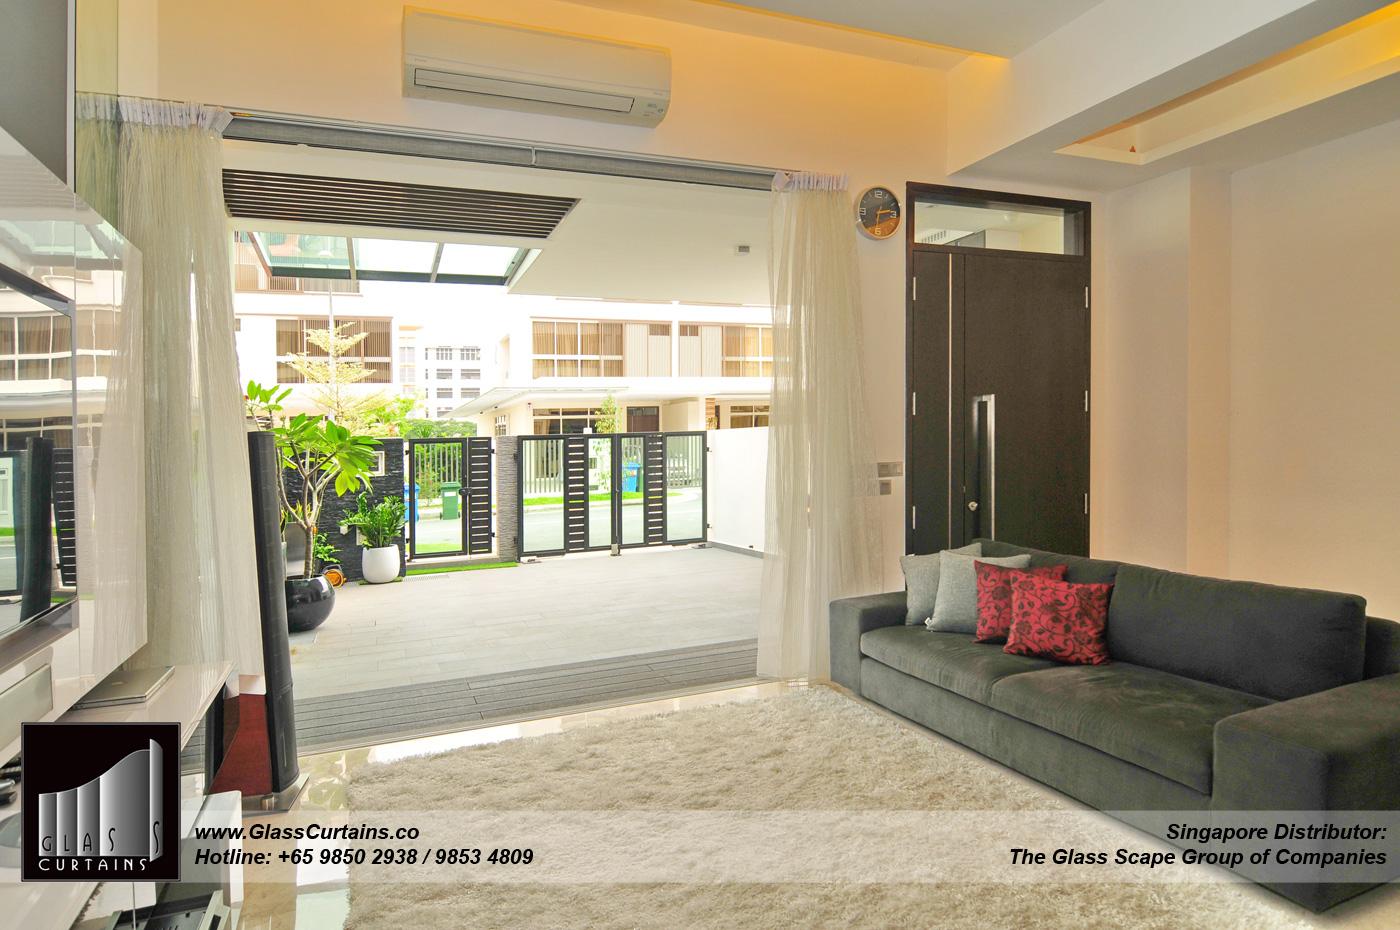 141030-doorspatio-opened.jpg